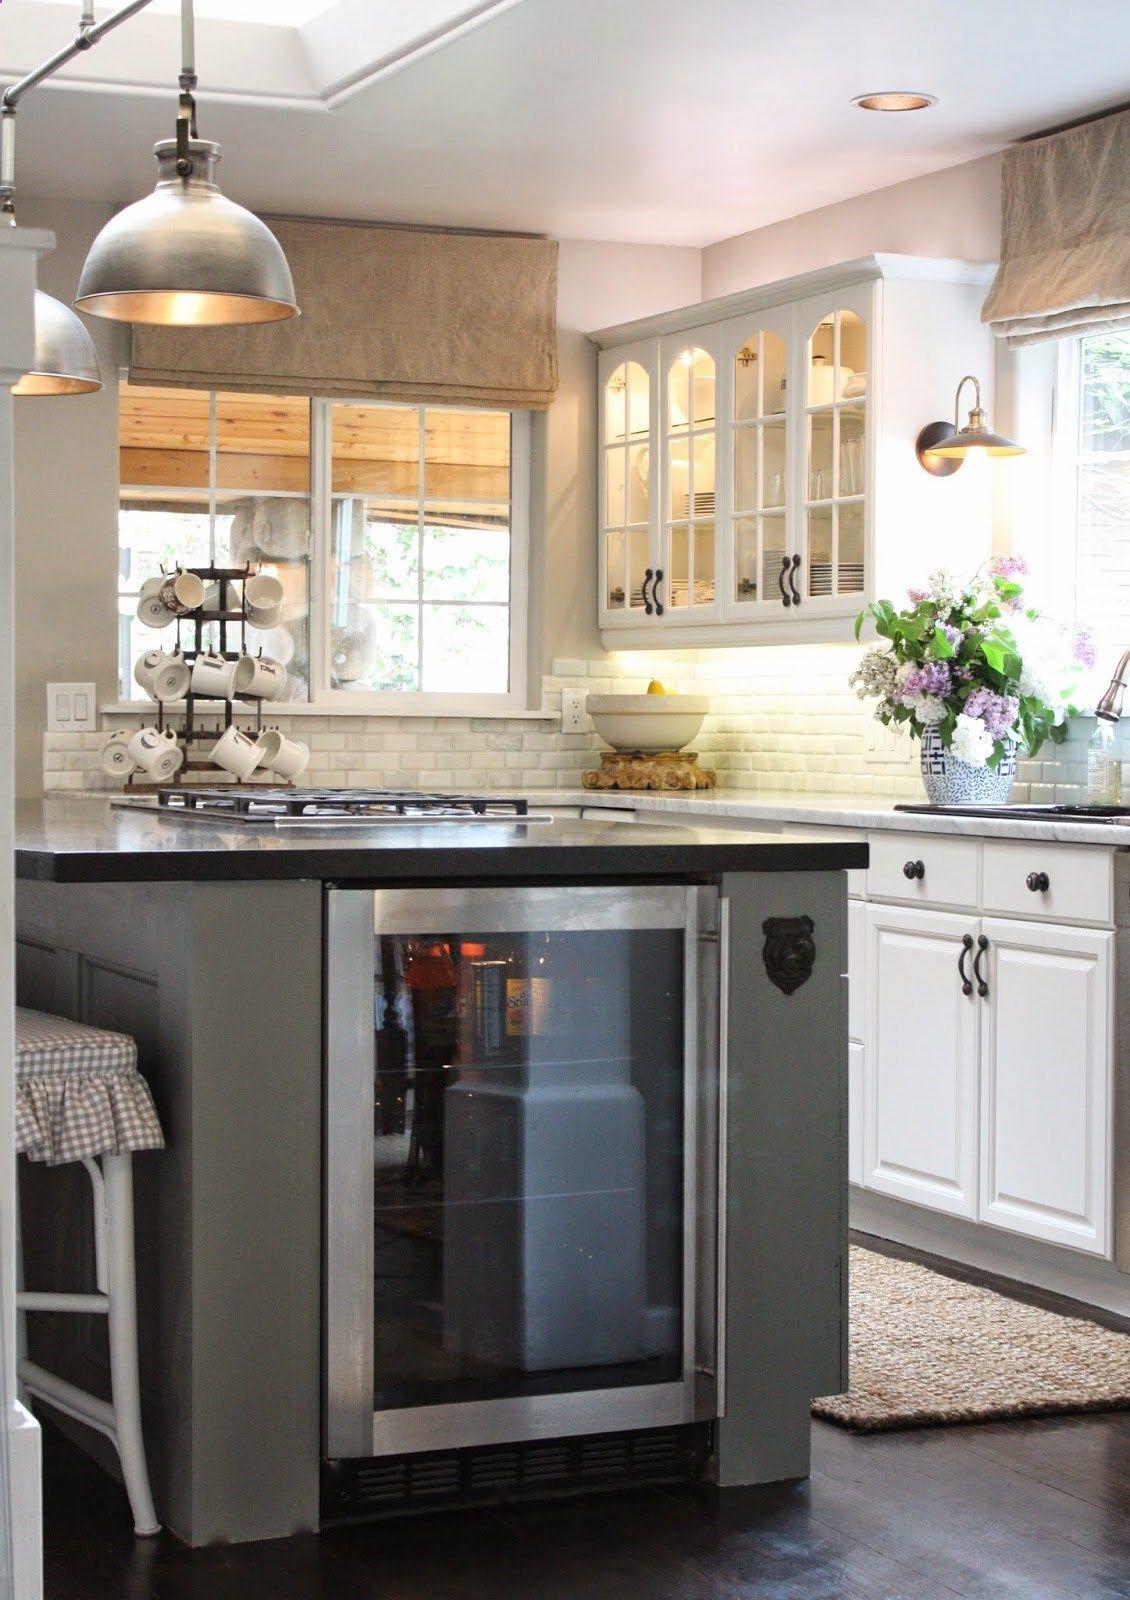 Wine Fridge   Top 10 Favorite Modern Farmhouse Blogger Home Tours | Blesser  House